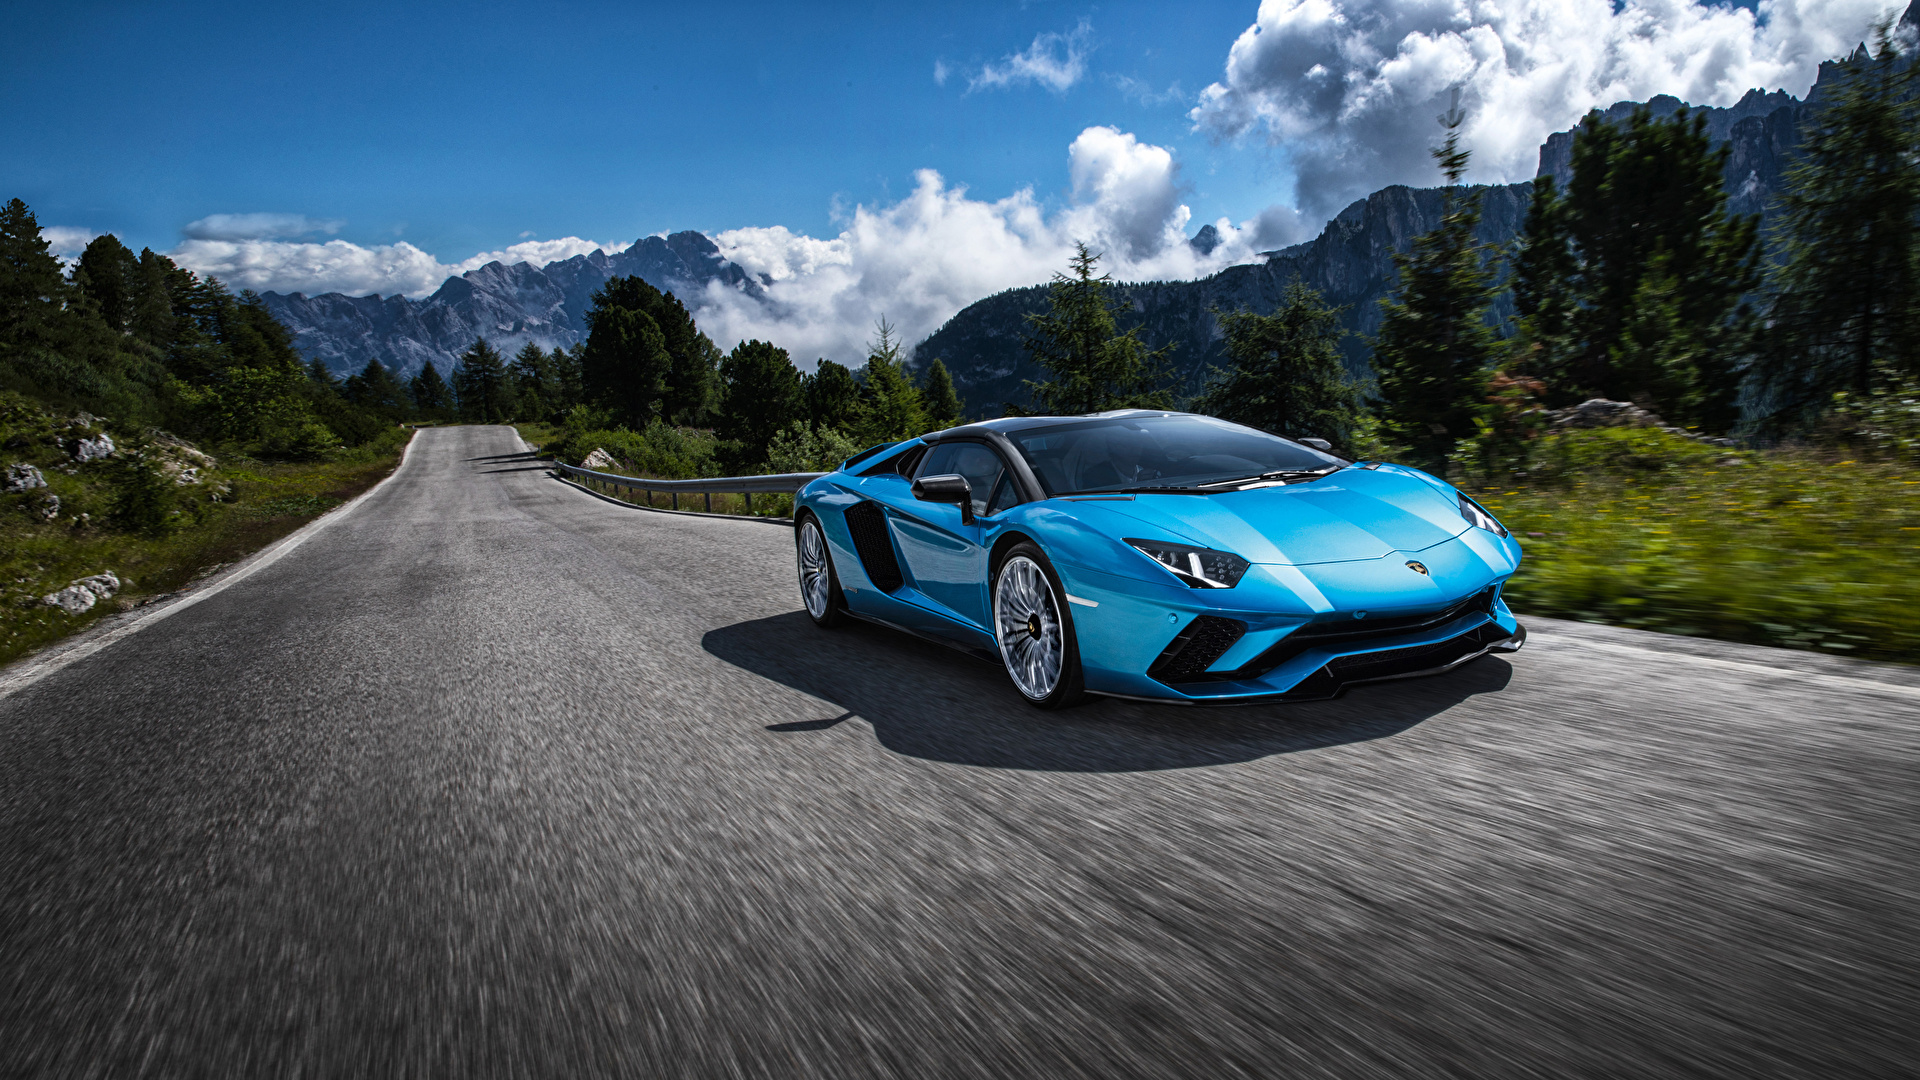 Фотография Ламборгини 2017-18 Aventador S Родстер Голубой едет Дороги авто 1920x1080 Lamborghini голубых голубые голубая едущий едущая скорость Движение машина машины автомобиль Автомобили